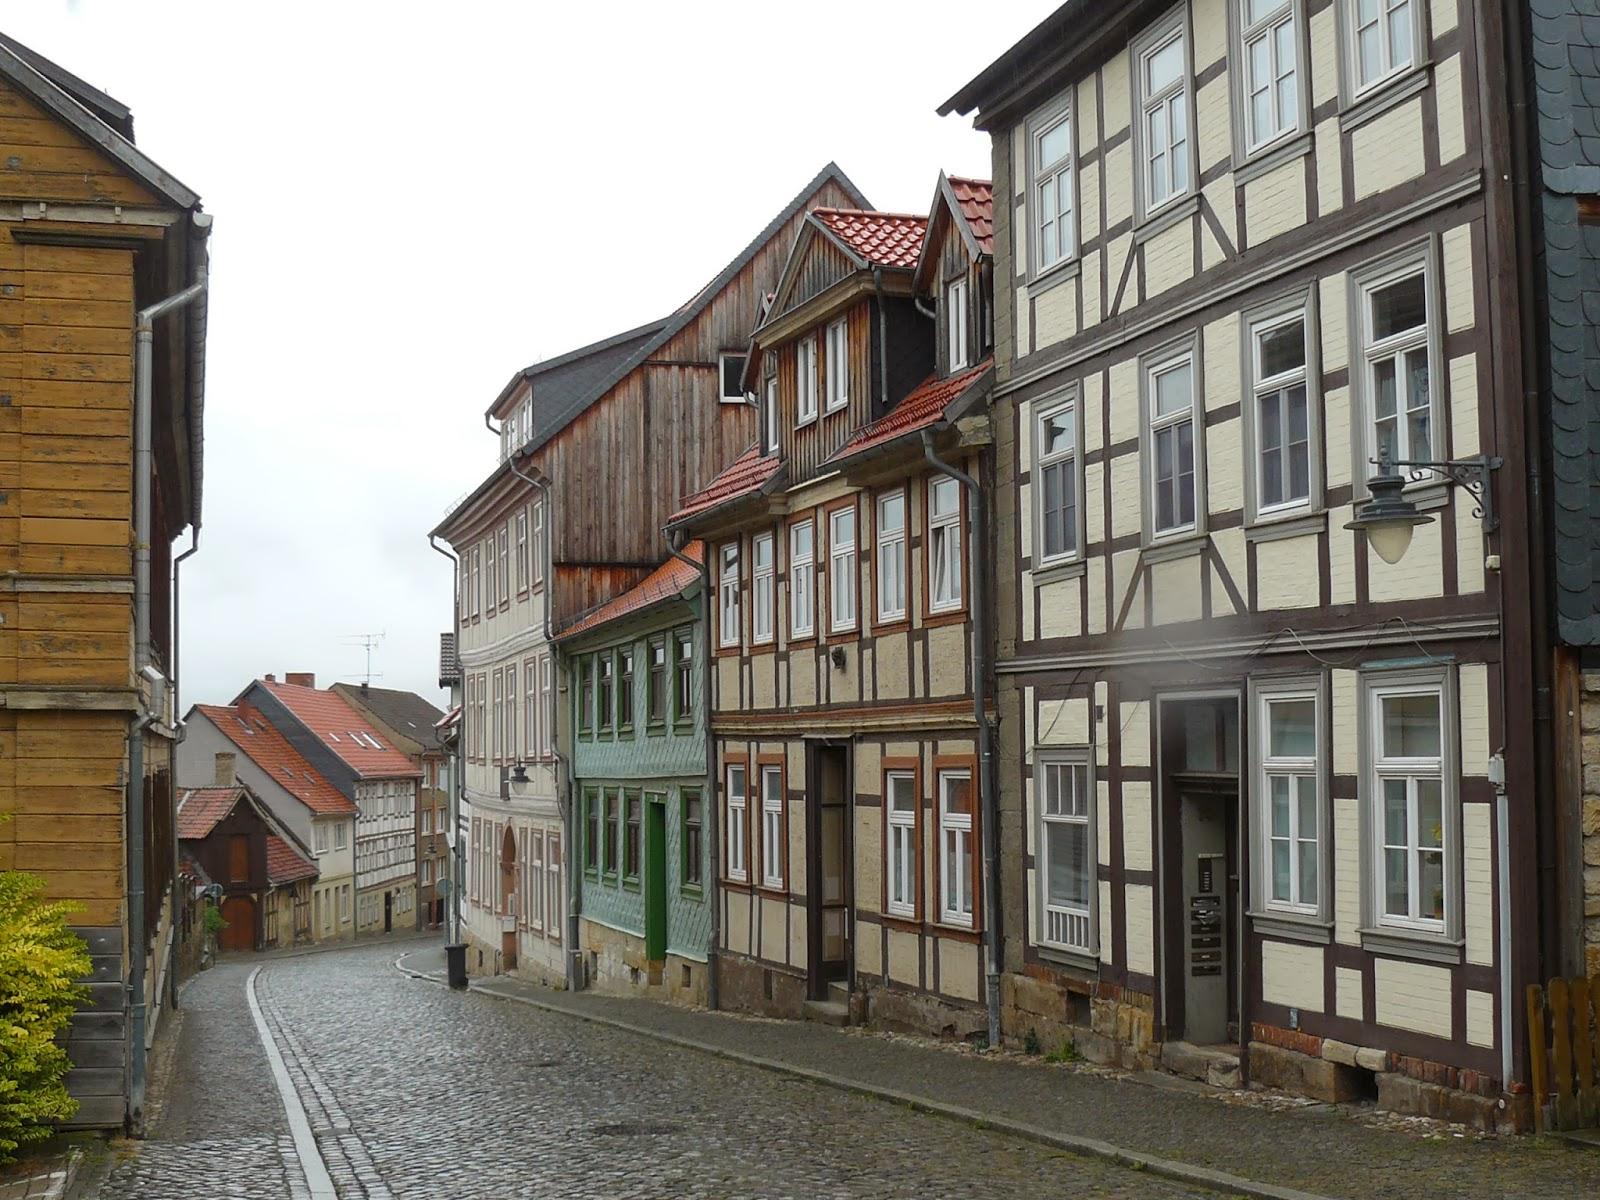 Lange afstand wandelen e 11 9 dagen wandelen van bad harzburg naar halle - Huis verlenging oud huis ...